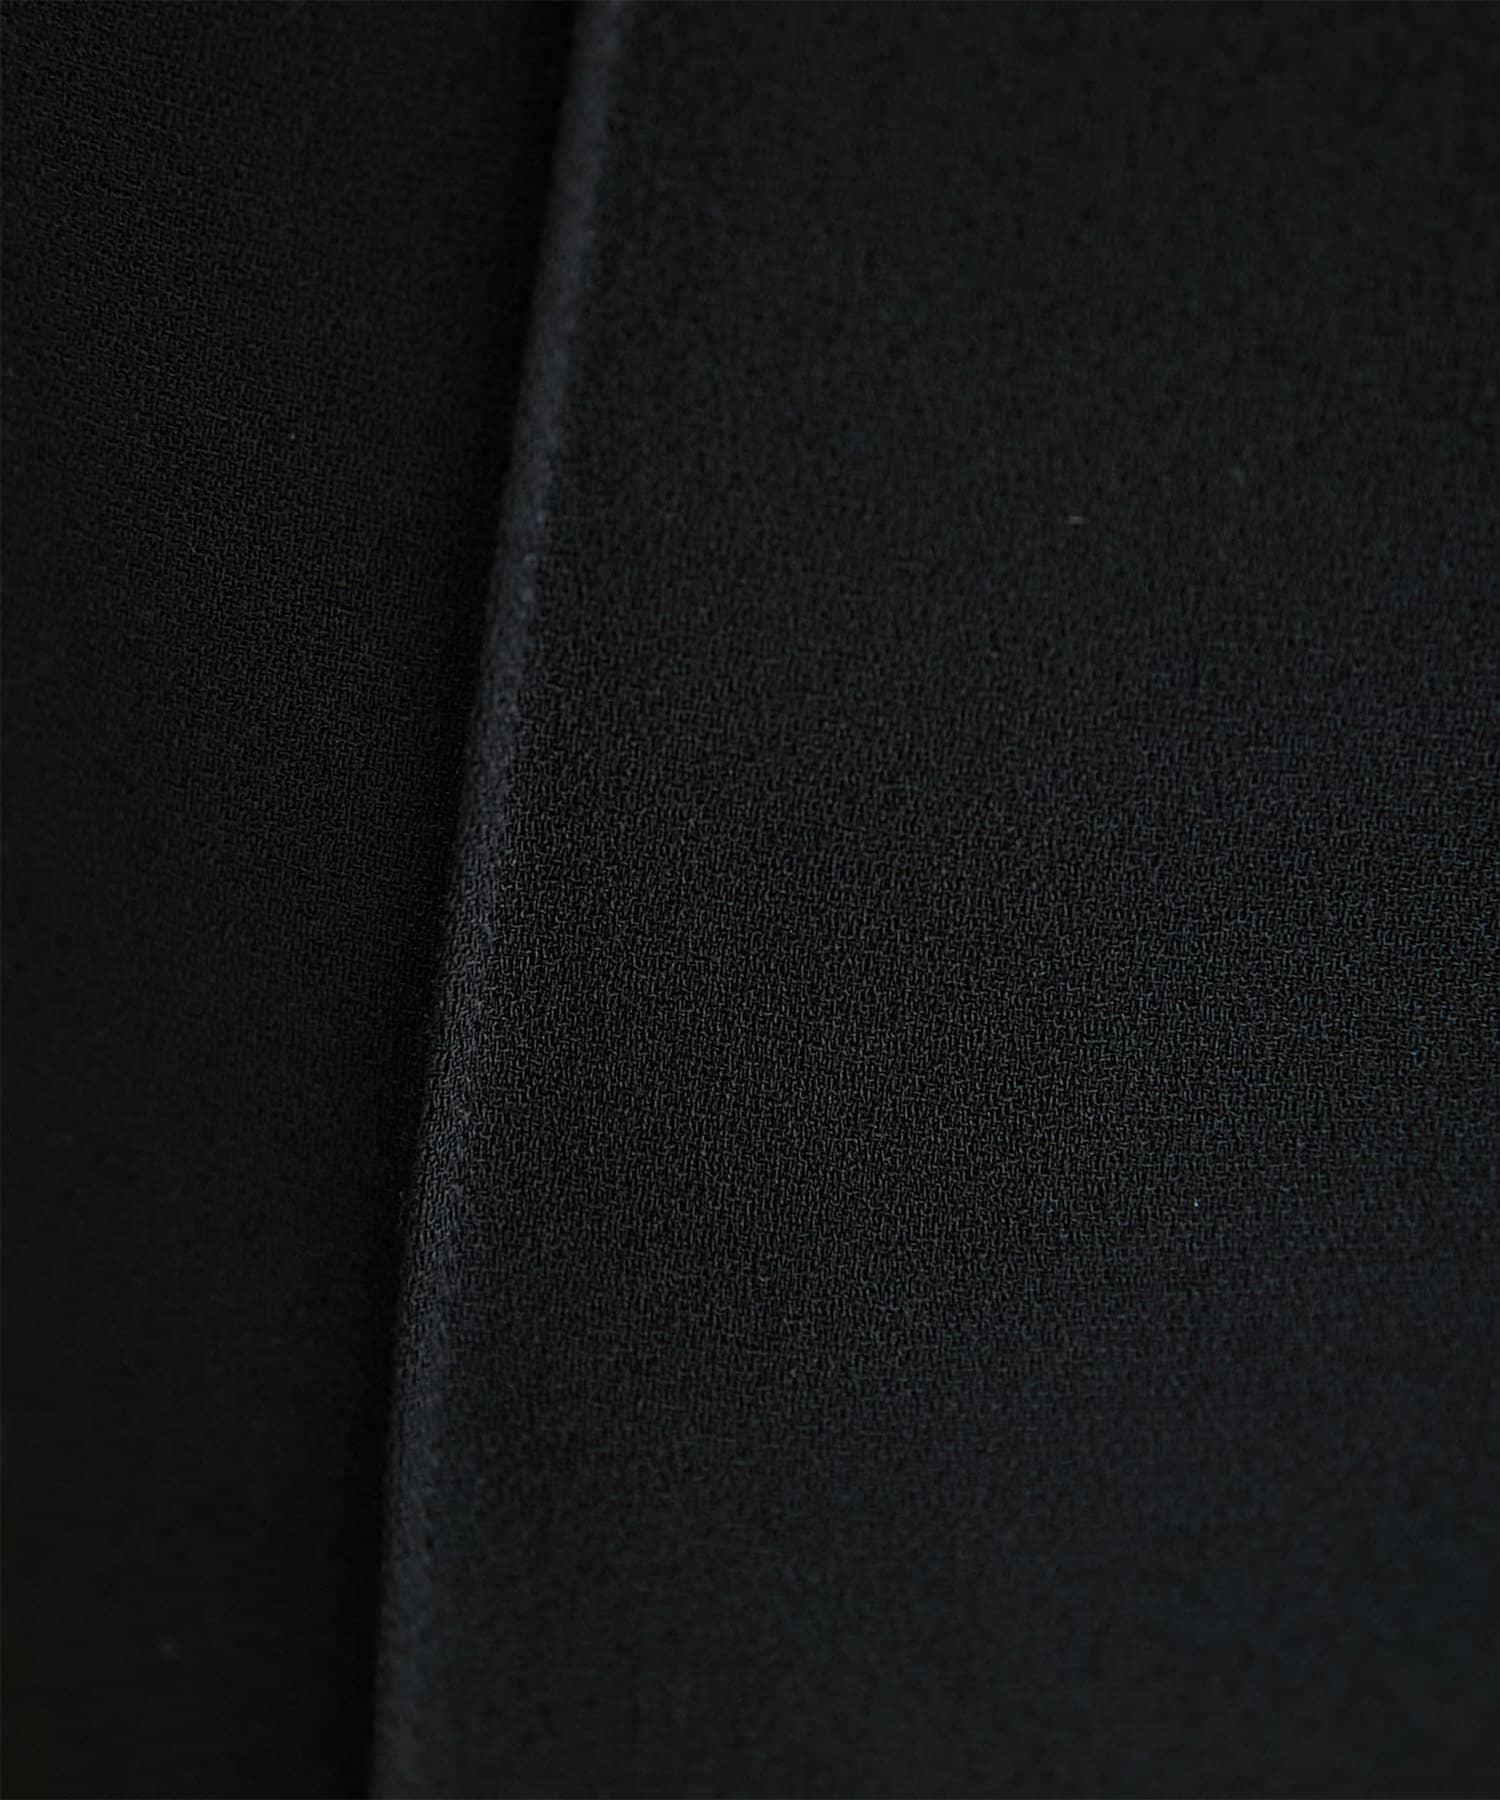 GALLARDAGALANTE(ガリャルダガランテ) 【CEPIE.】ダブルジョーゼットピンタックパンツ